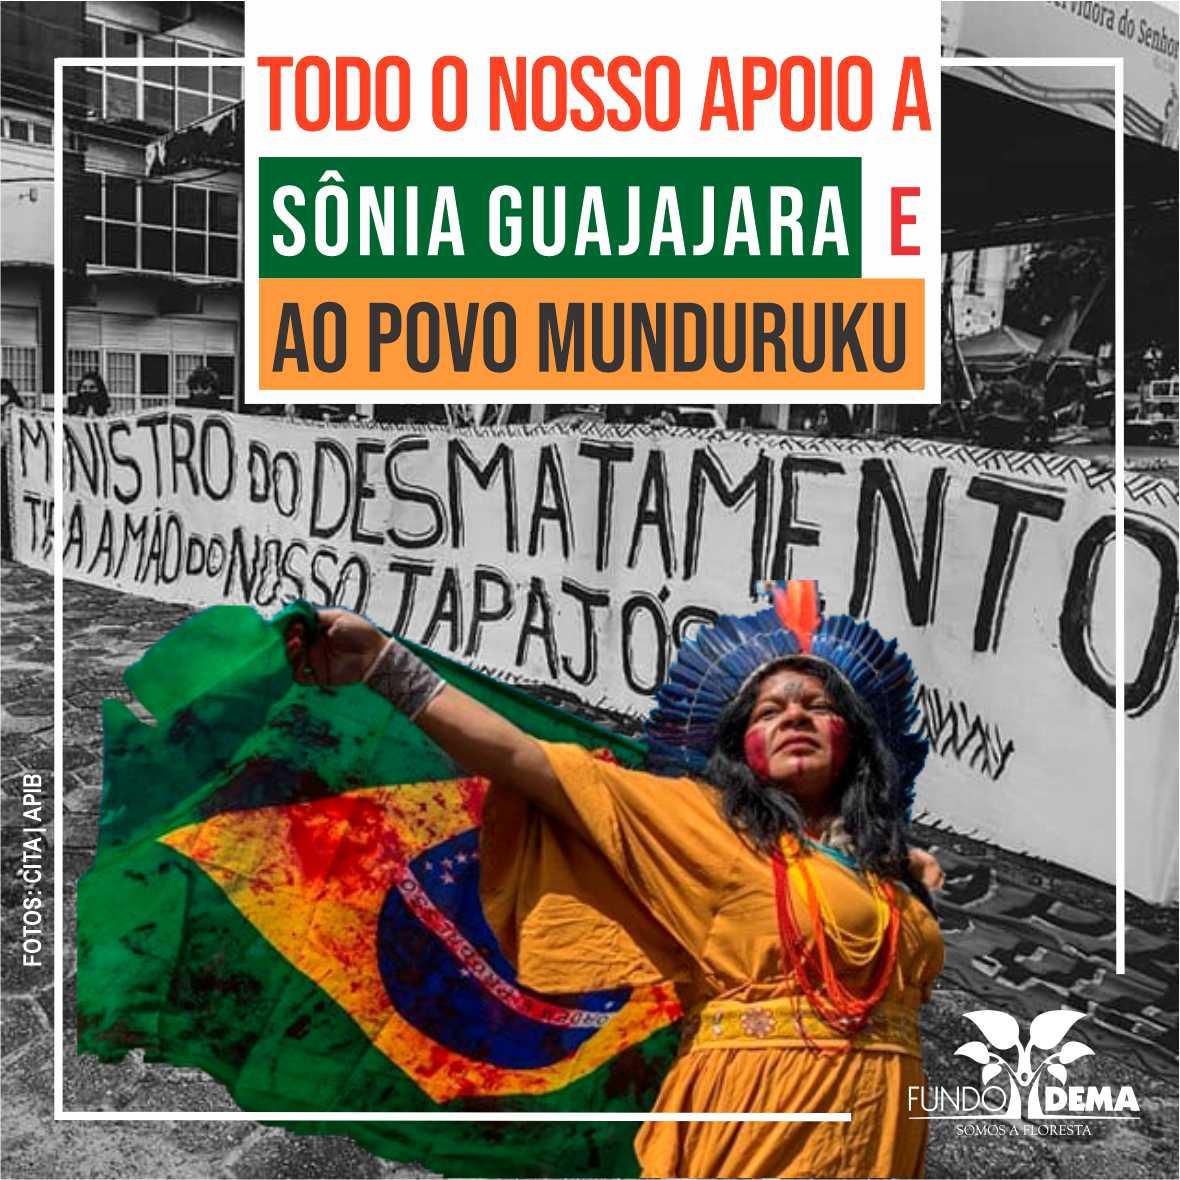 O Fundo Dema expressa todo o seu apoio a liderança indígena Sônia Guajaja e ao povo Munduruku dos territórios do Alto, Médio e Baixo do Tapajós, no Pará.